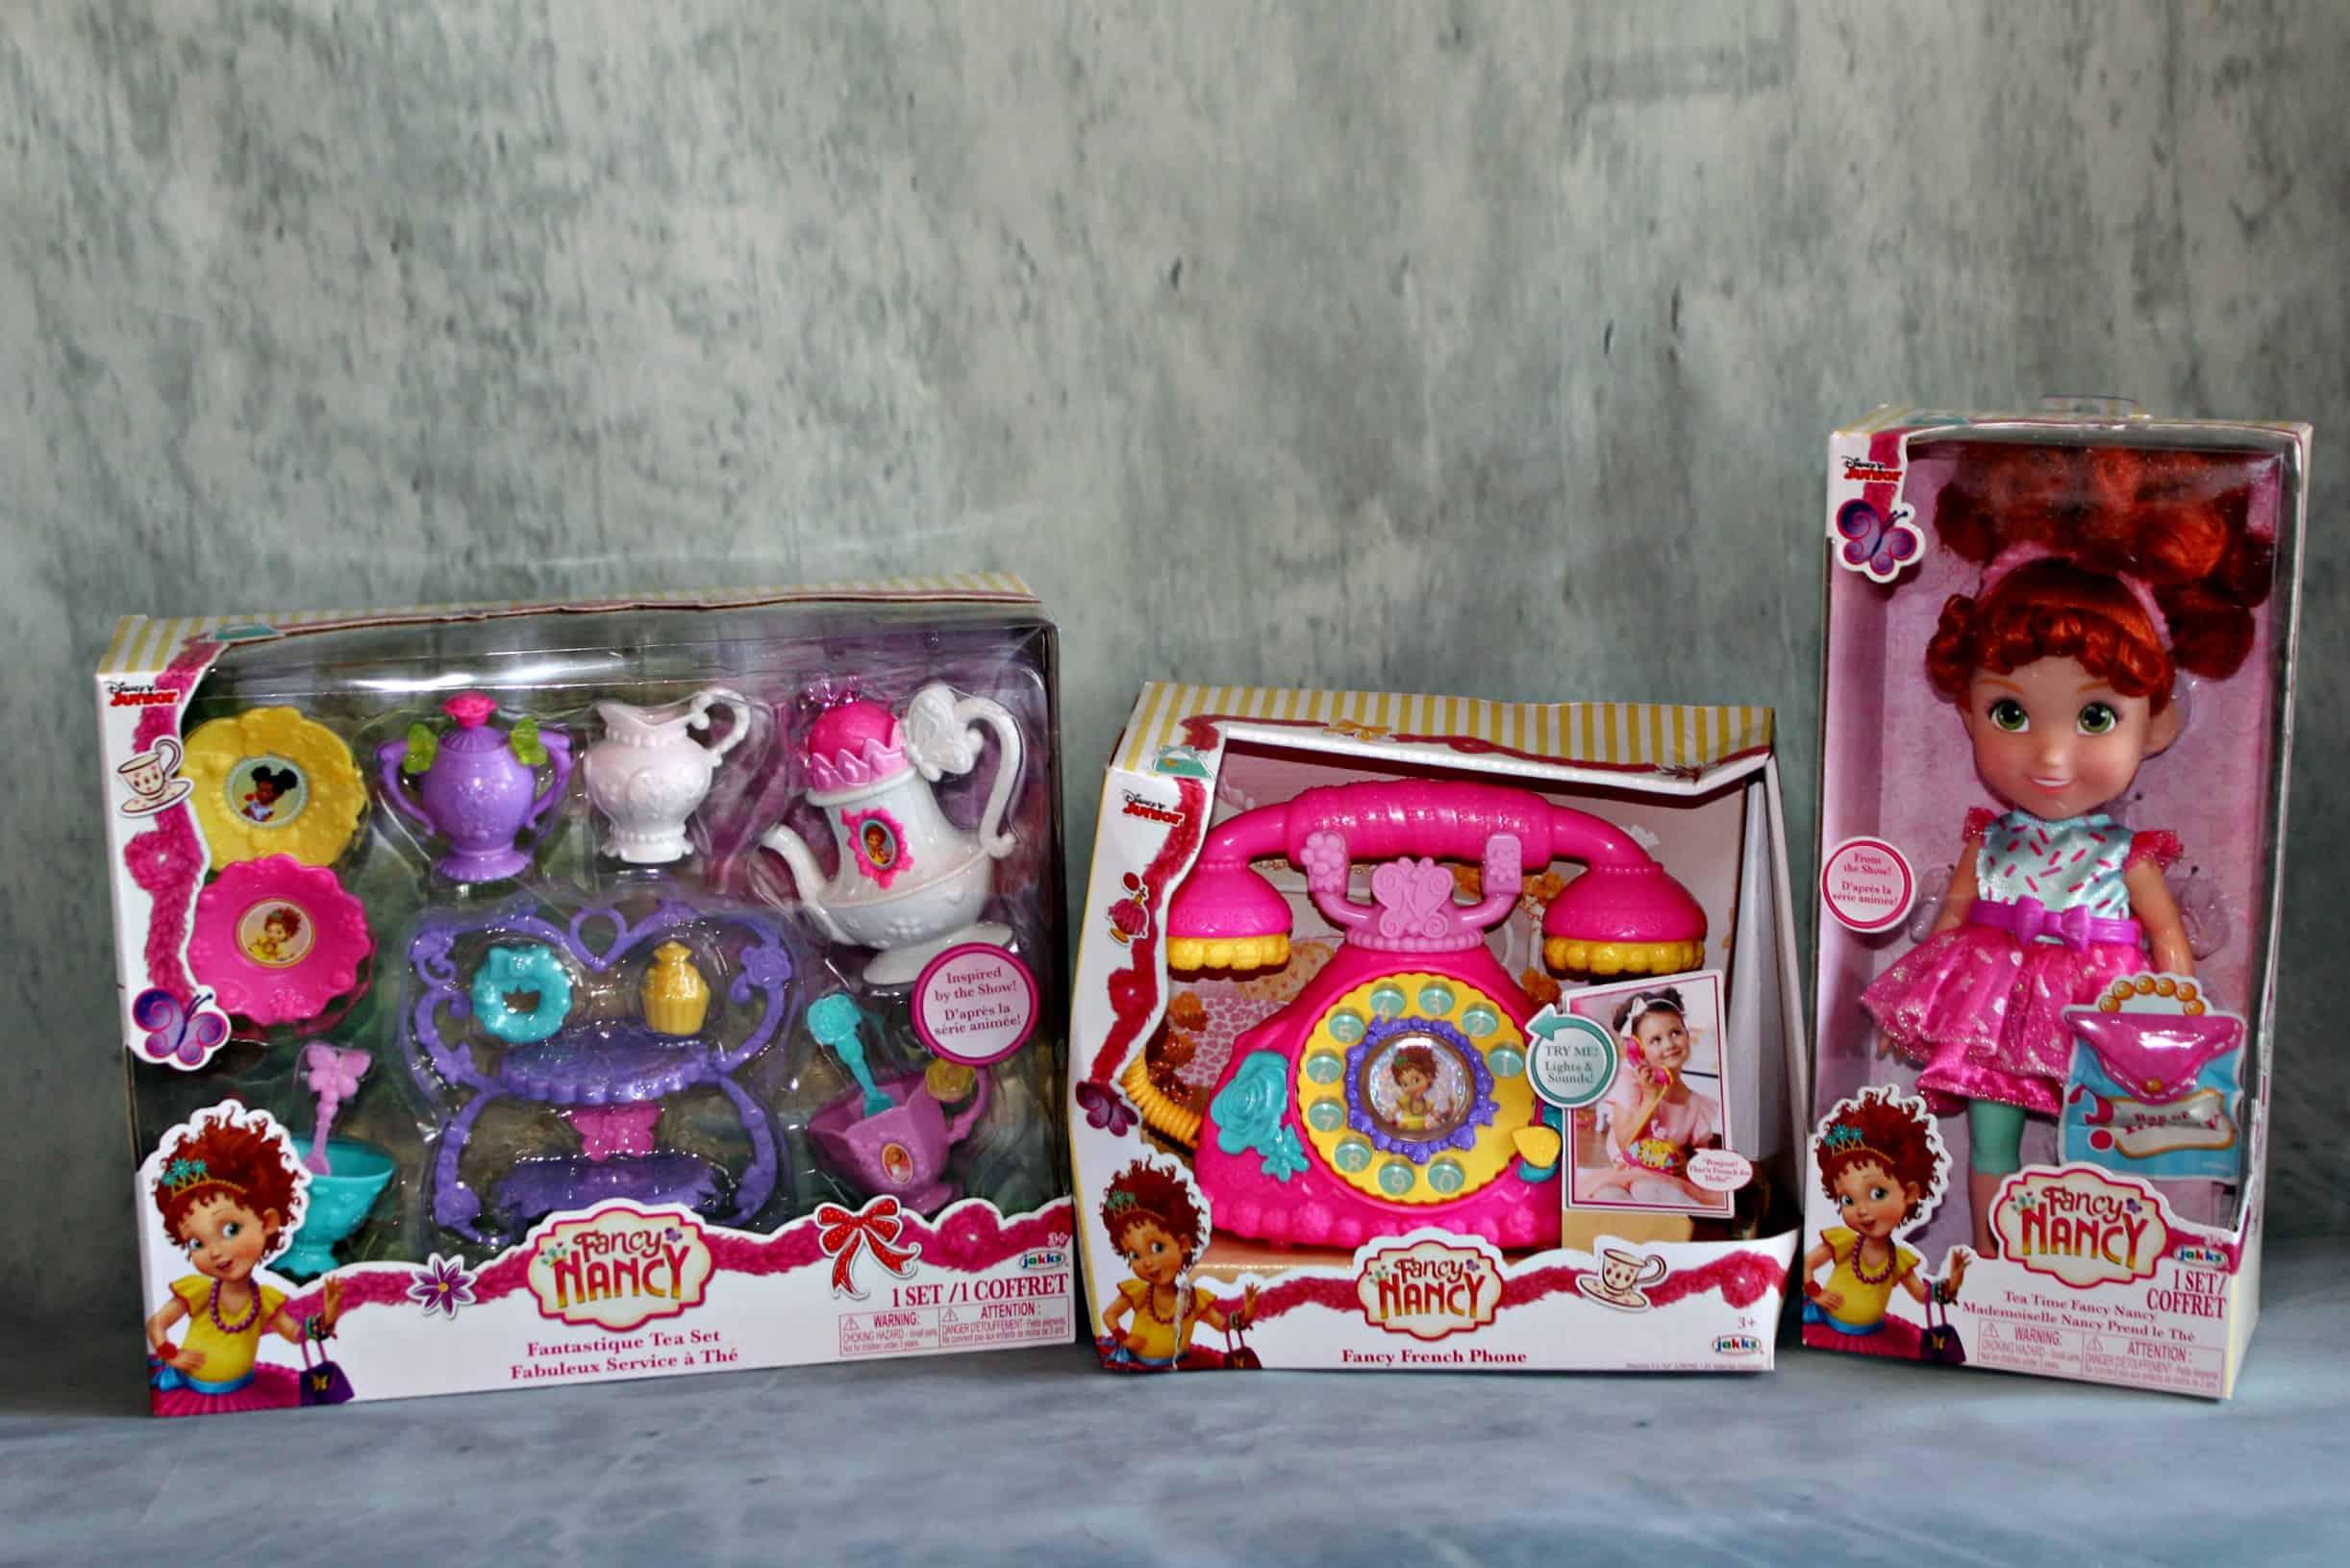 Fancy Nancy Toys